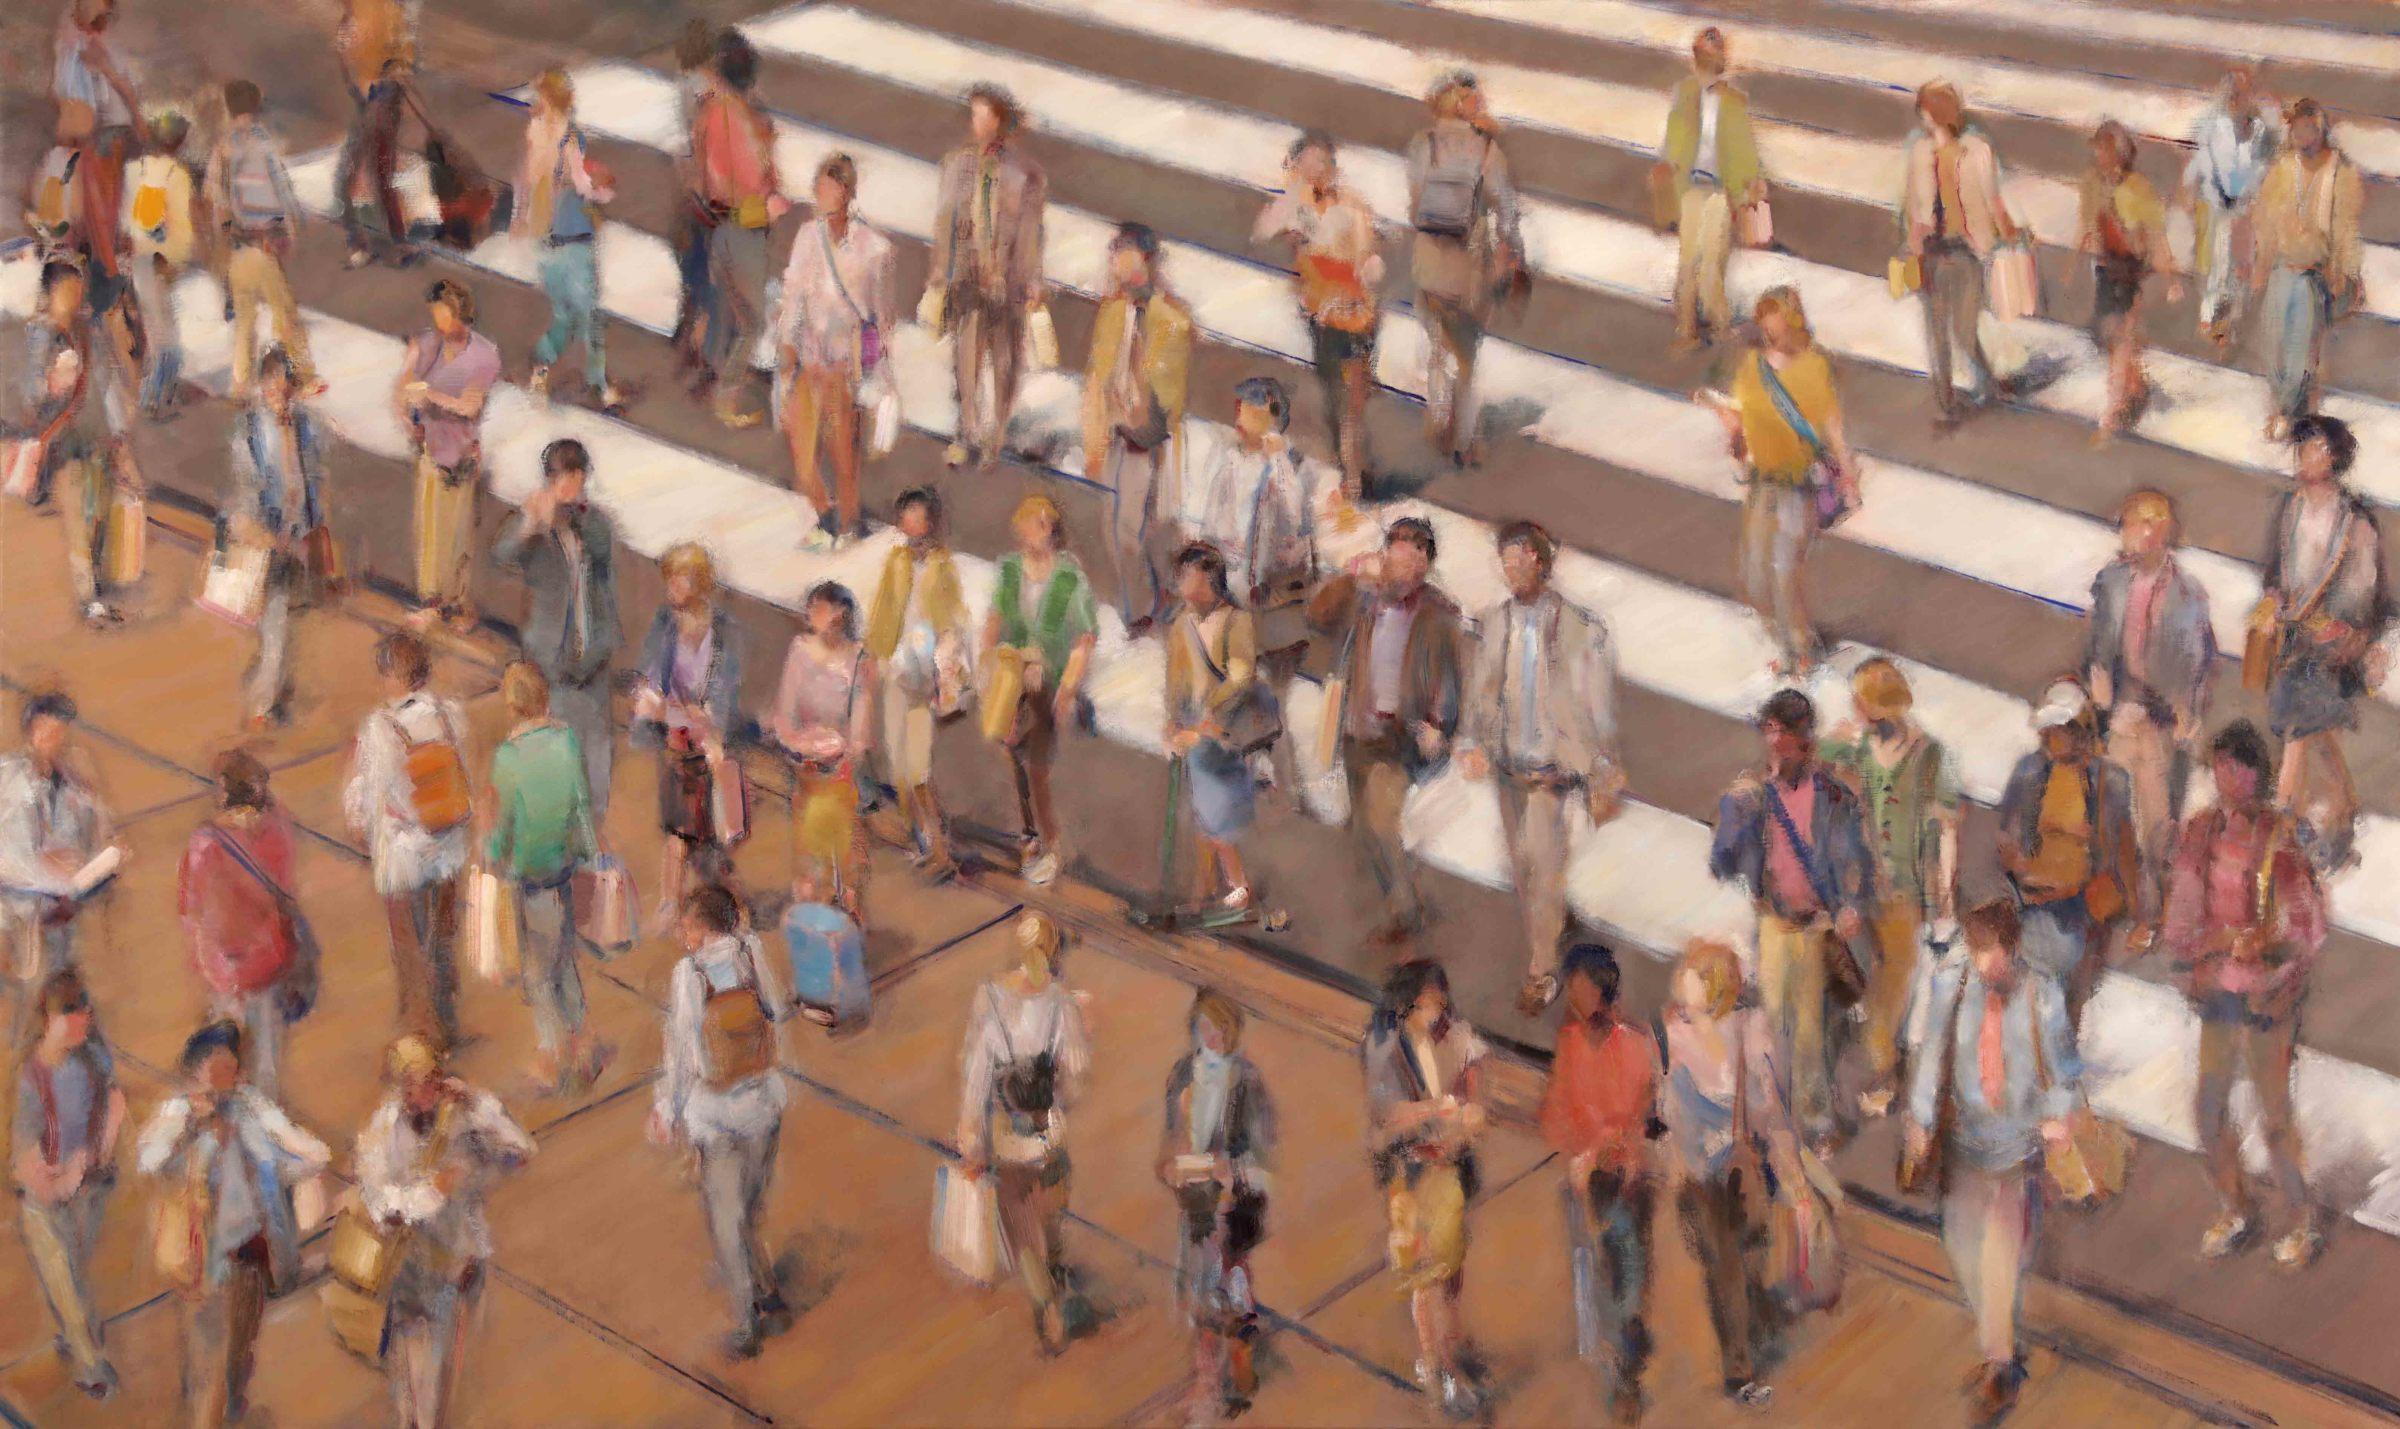 """<span class=""""link fancybox-details-link""""><a href=""""/artists/59-simon-nicholas/works/505-simon-nicholas-crosswalk-ii/"""">View Detail Page</a></span><div class=""""artist""""><strong>Simon Nicholas</strong></div> <div class=""""title""""><em>Crosswalk II</em></div> <div class=""""medium"""">47 x 79 inches</div> <div class=""""dimensions"""">Oil on Linen</div>"""